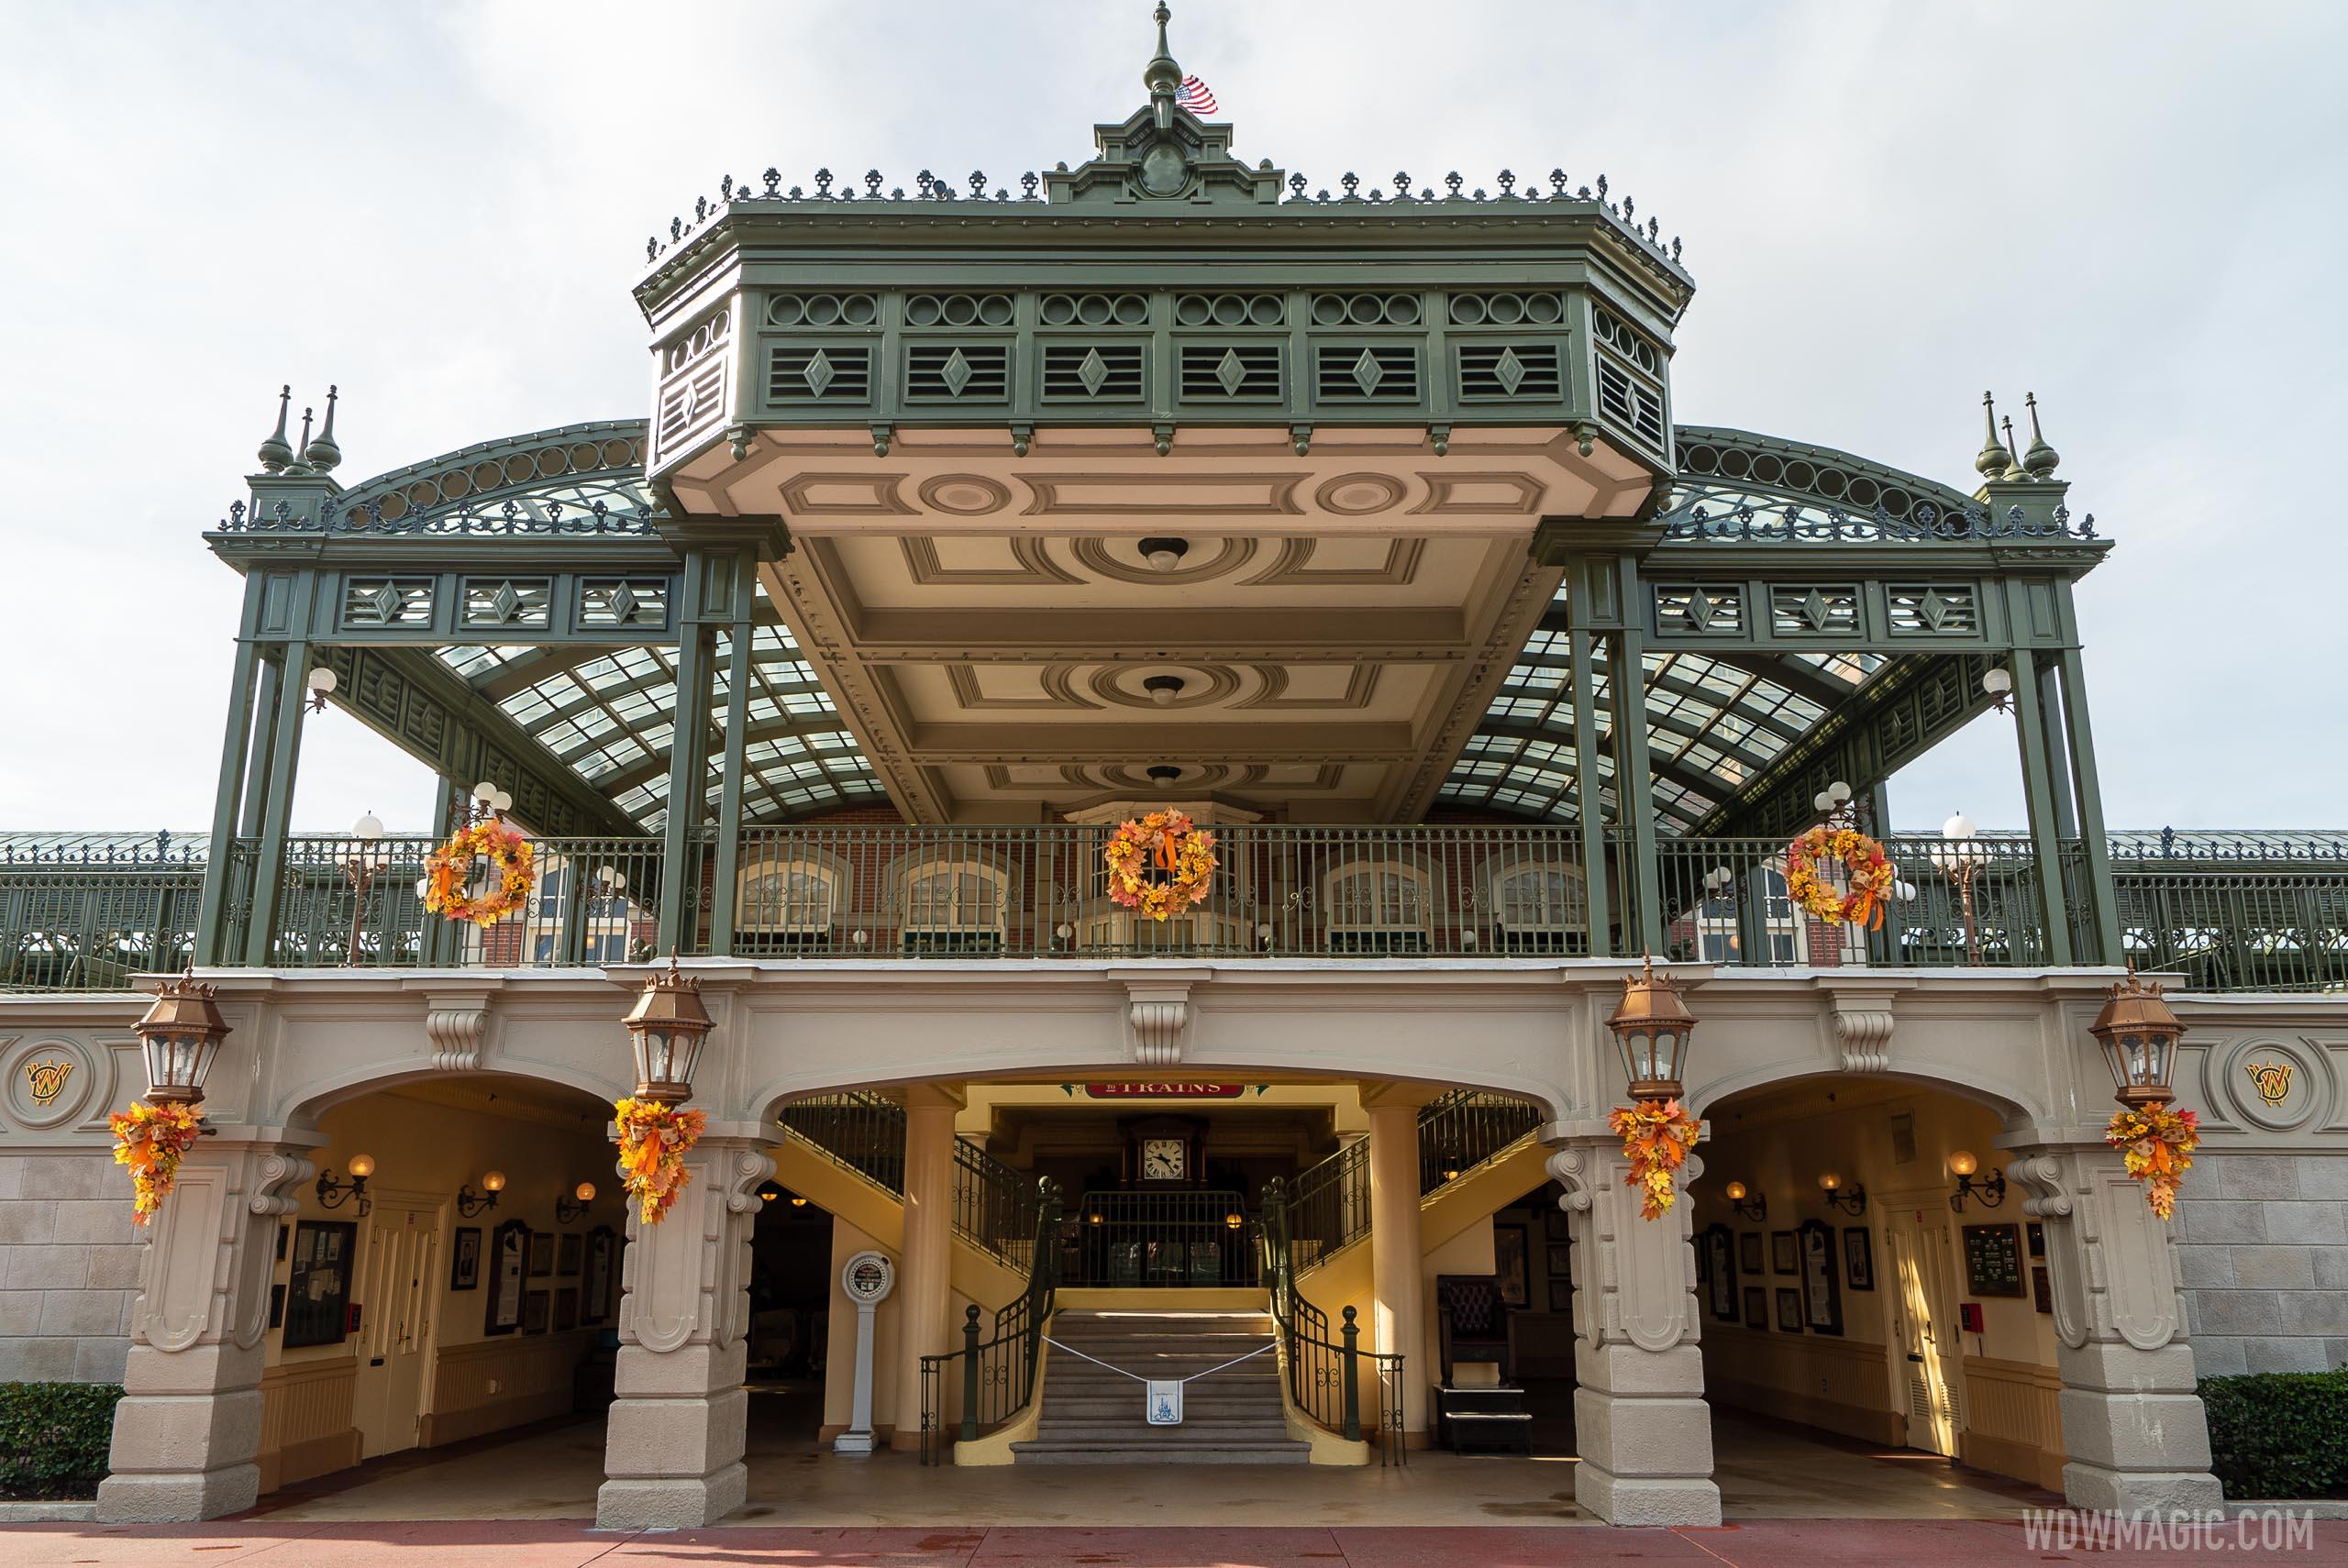 Magic Kingdom fall decor arrives